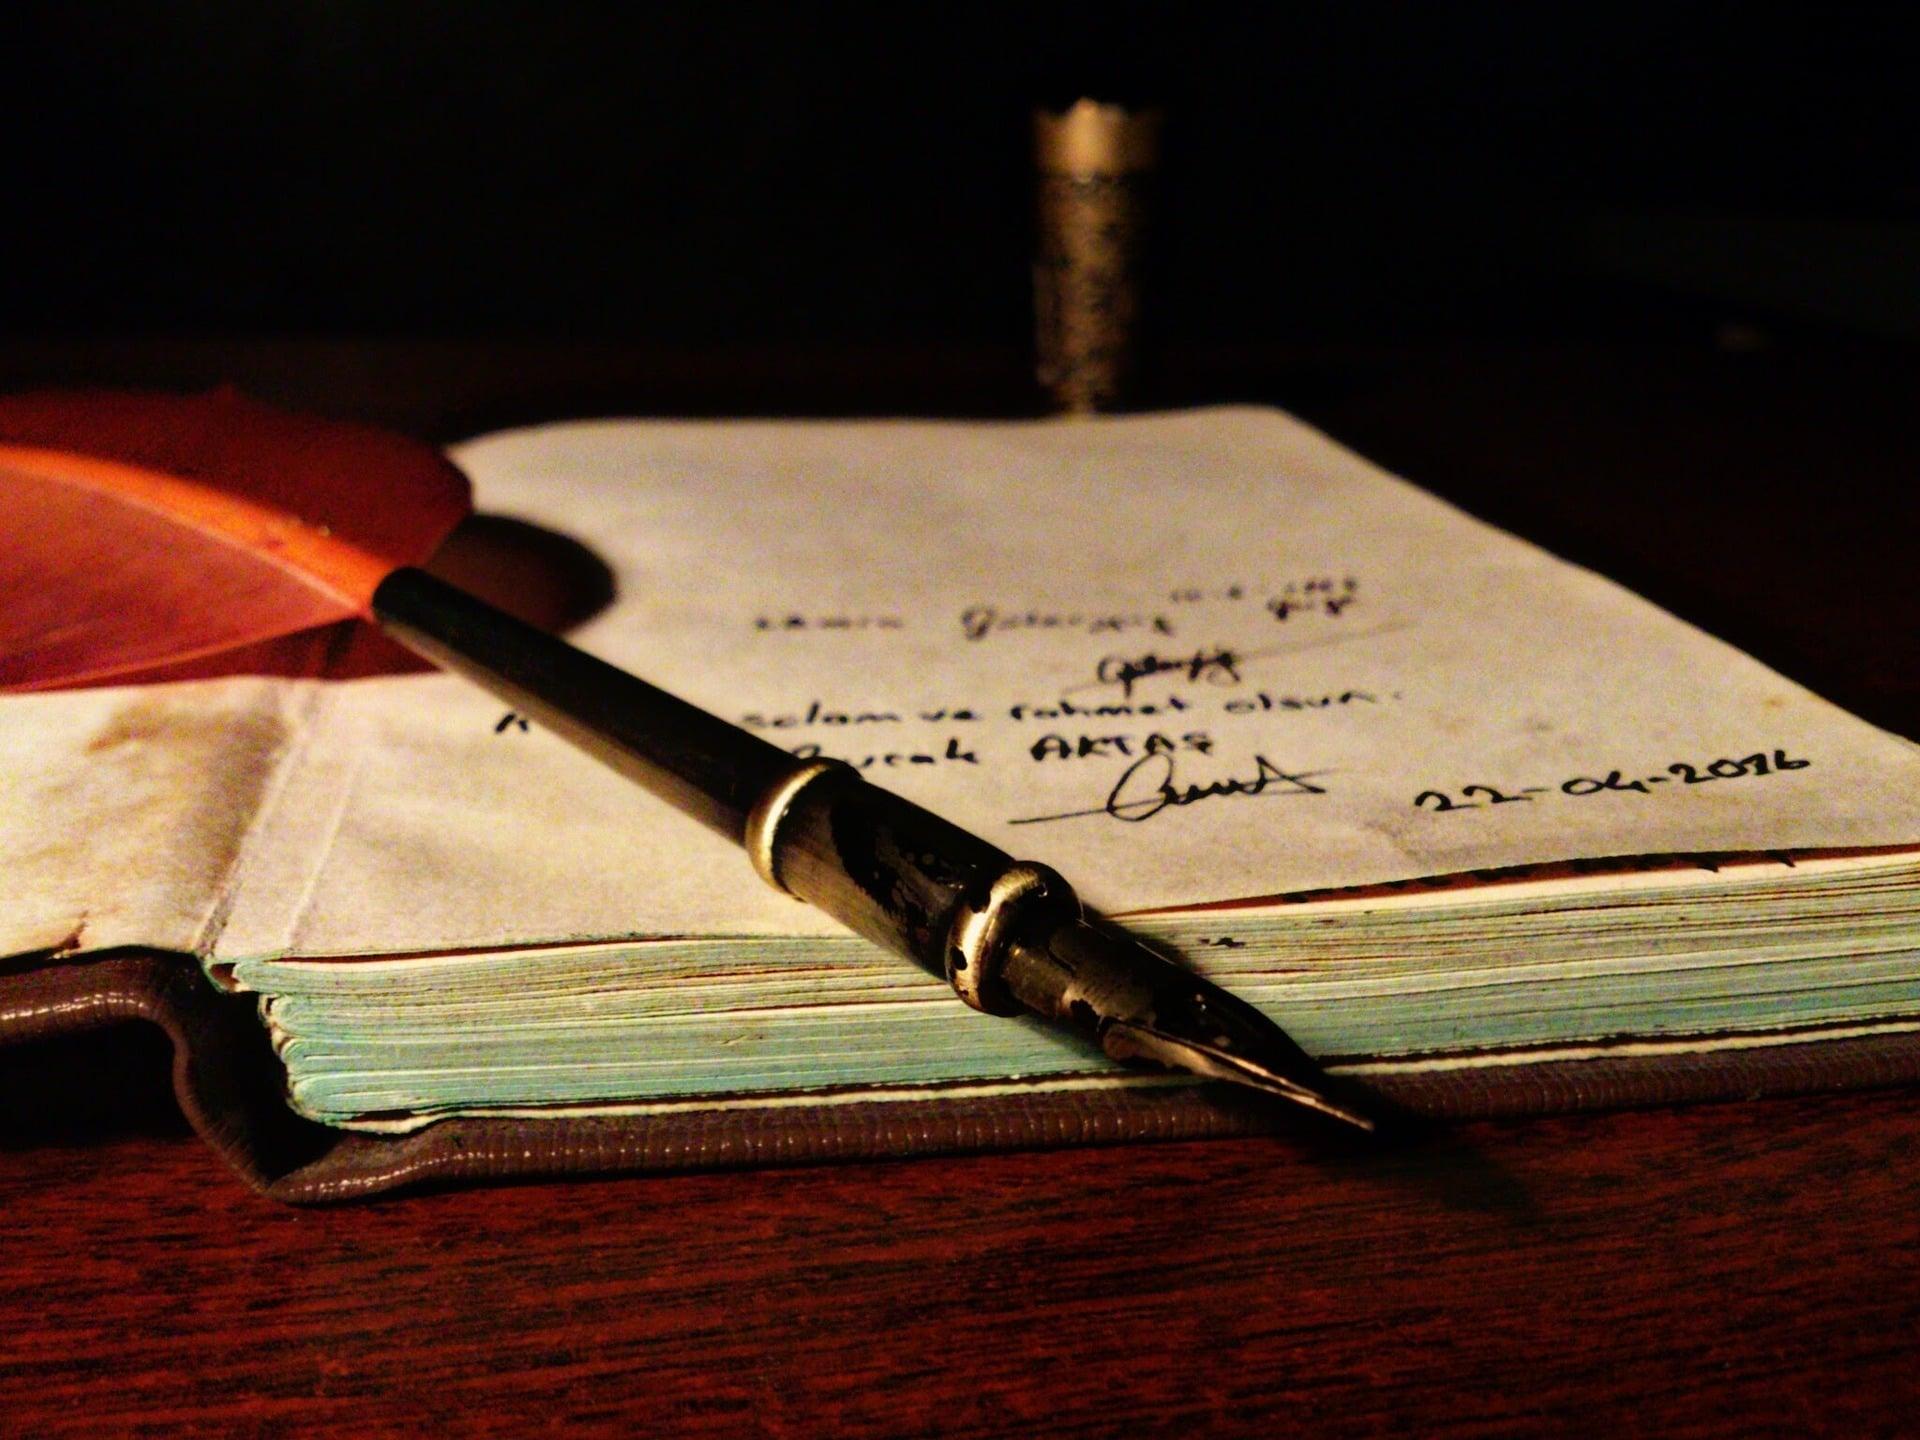 Disfruta leyendo poemas escritos por mujeres